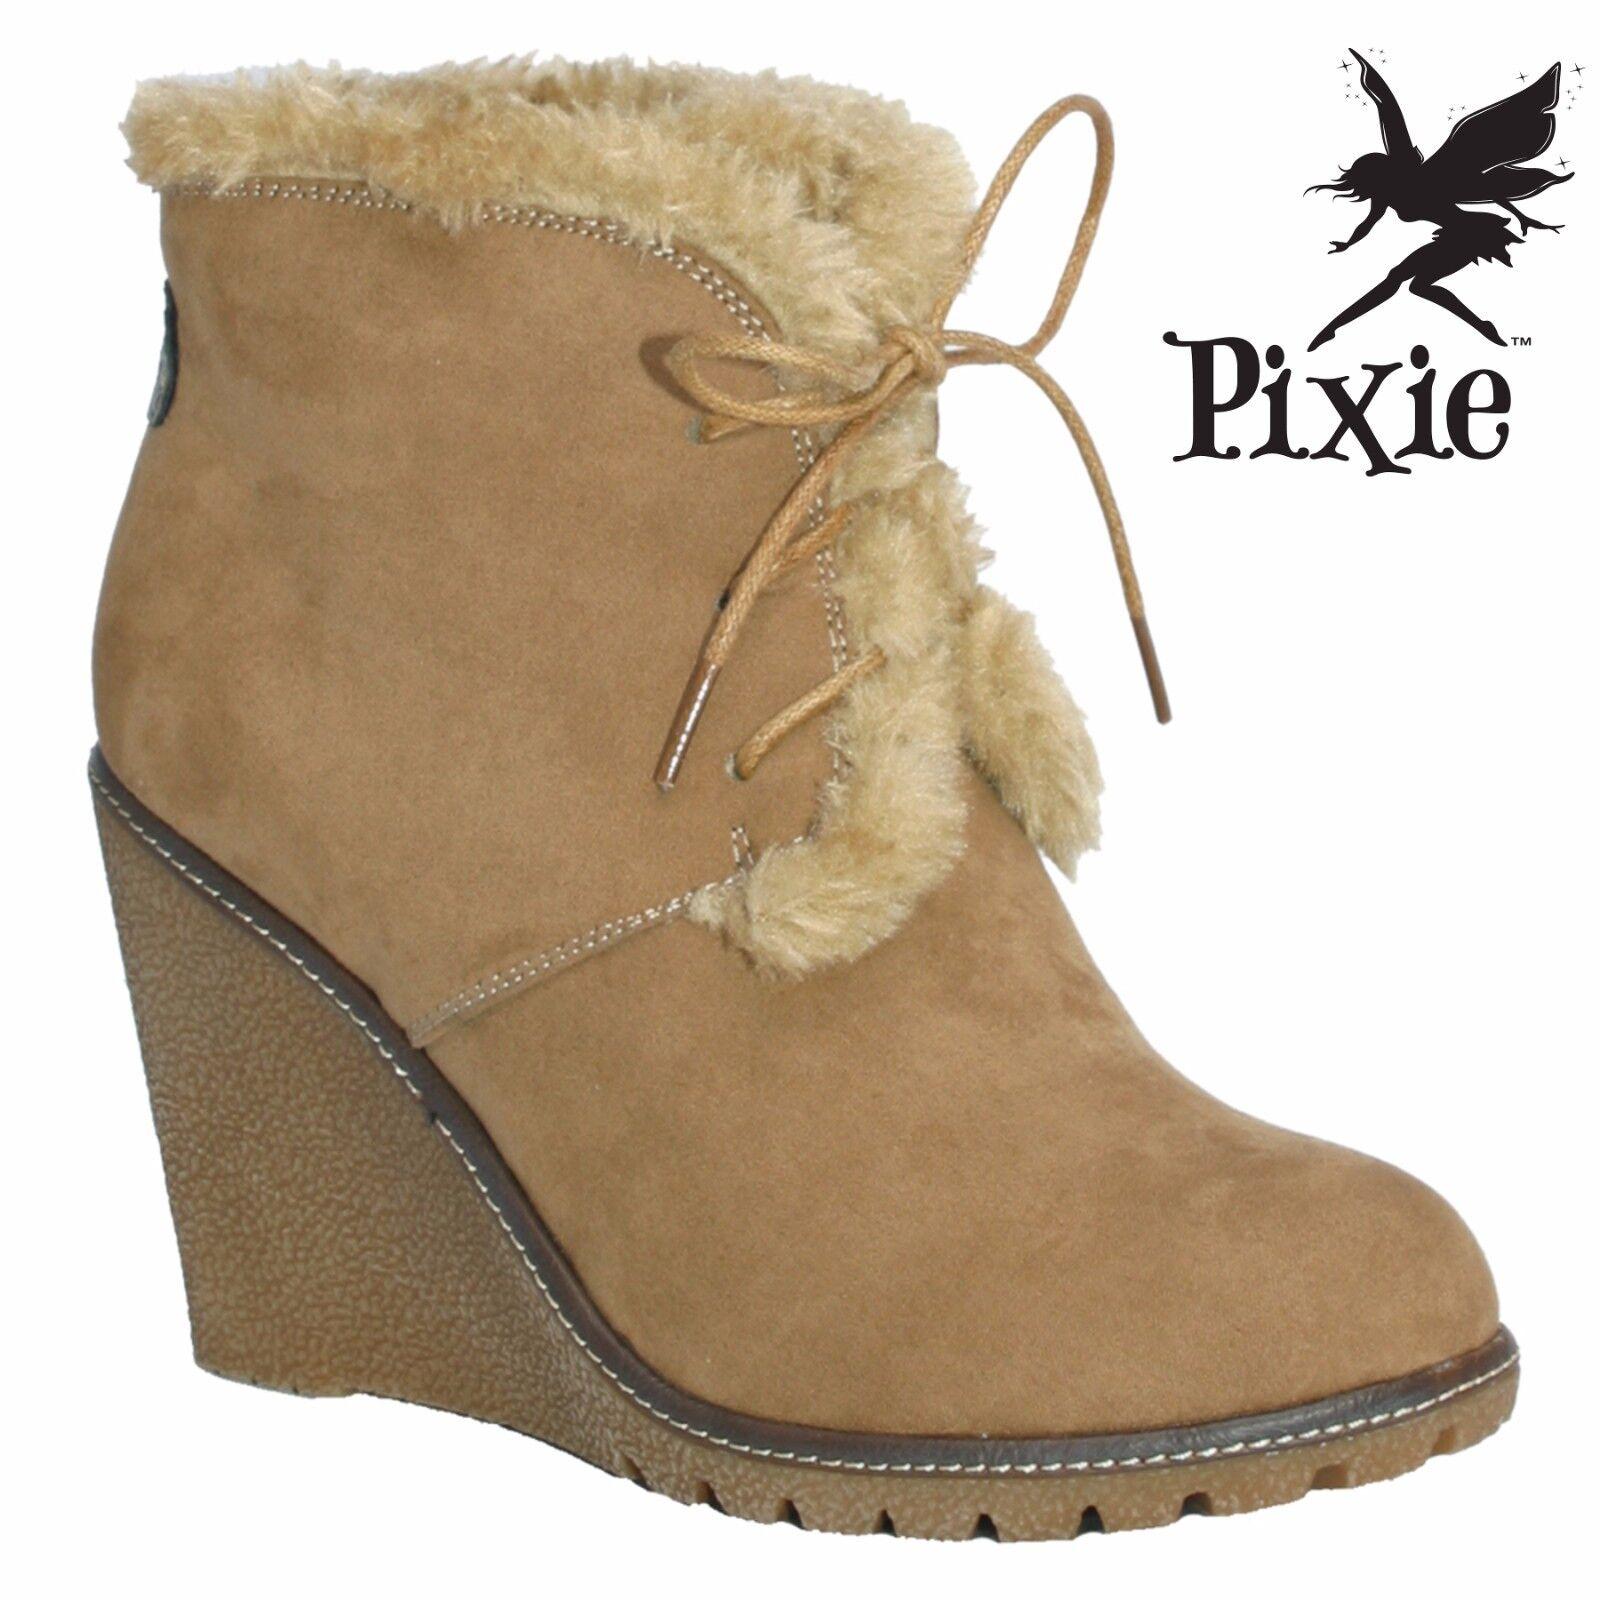 Pixie calzature Emily Donna Stivali. nella casella Nuovo di Zecca Zecca Zecca   Exquisite (medio) lavorazione  5cd522